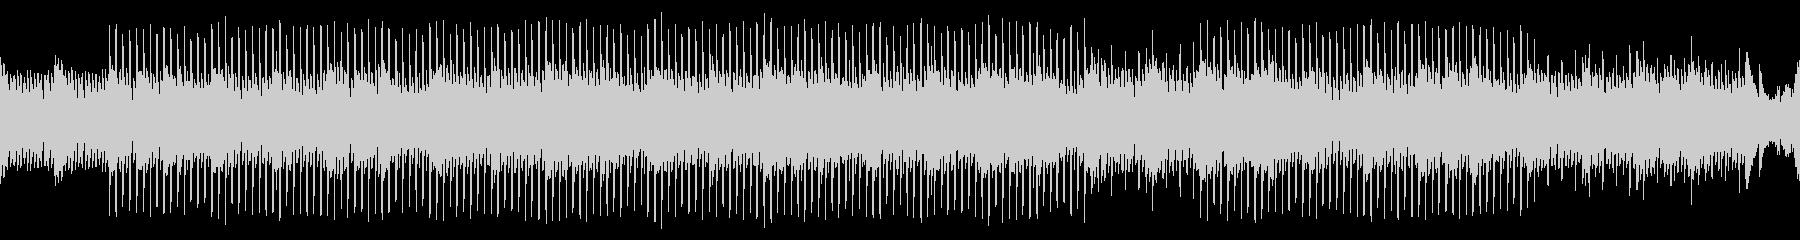 【ループ】ポジティブで軽快/希望_1の未再生の波形